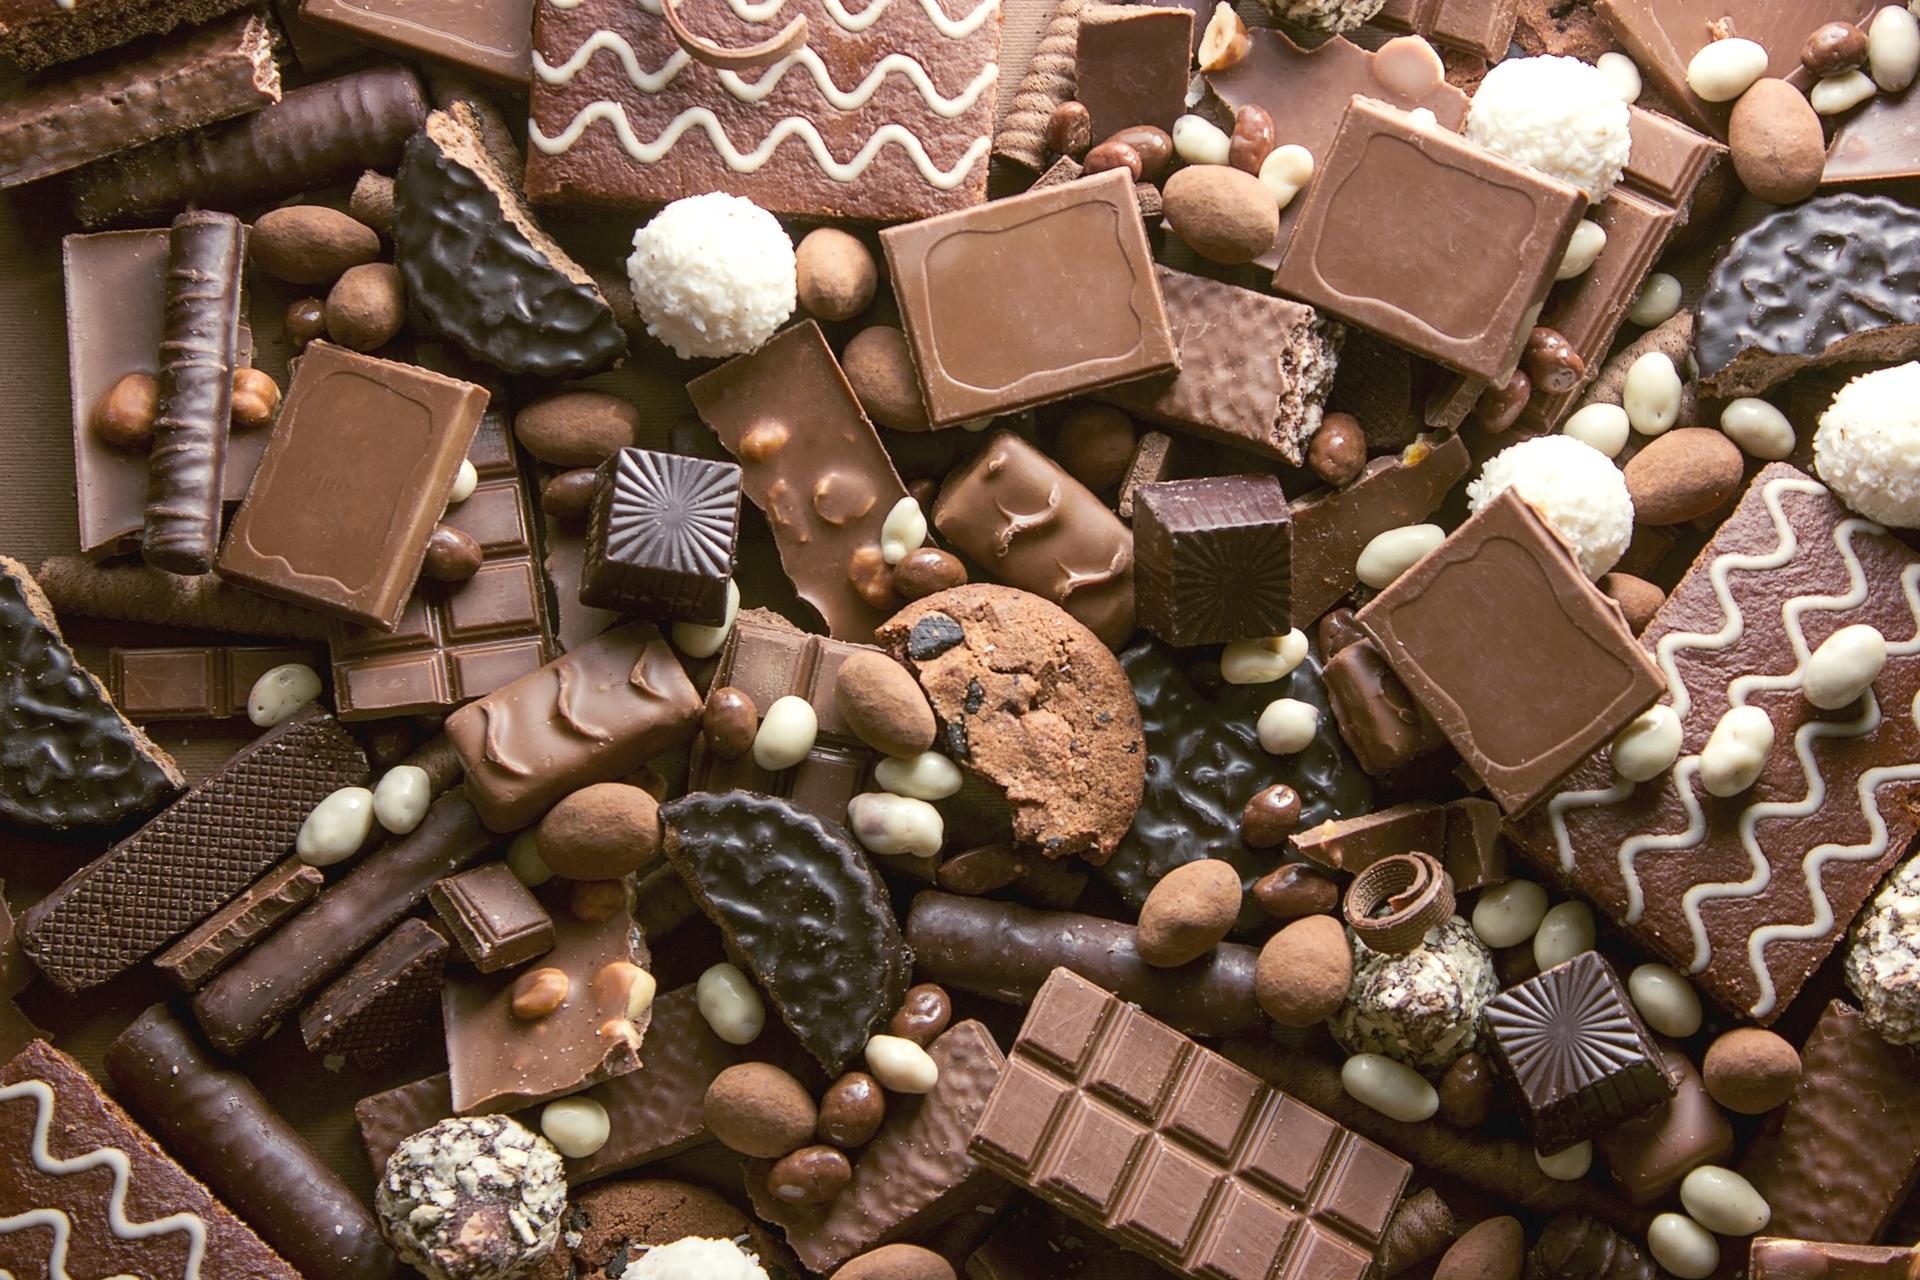 говорю тех, красивые картинки шоколадных изделий вопросы отпали после